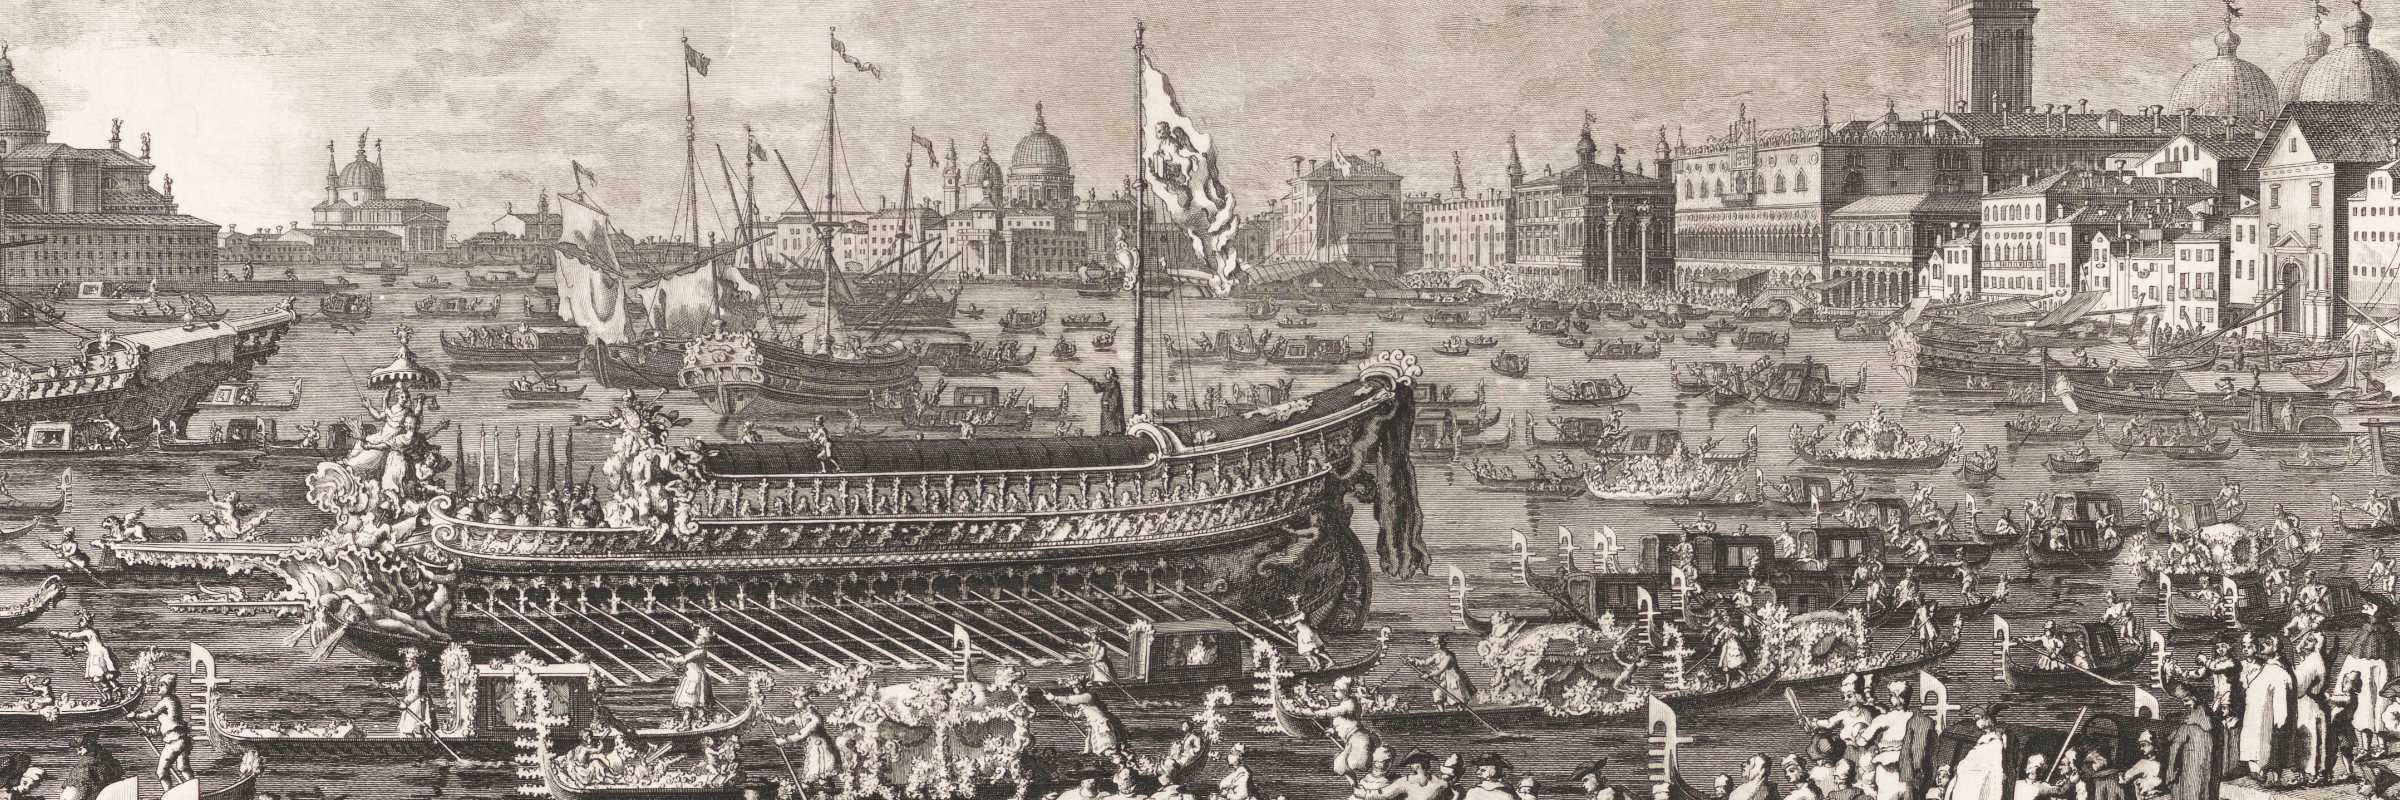 Festa della Sensa, Giovanni Battista Brustoloni, 1766 (Rijksmuseum)